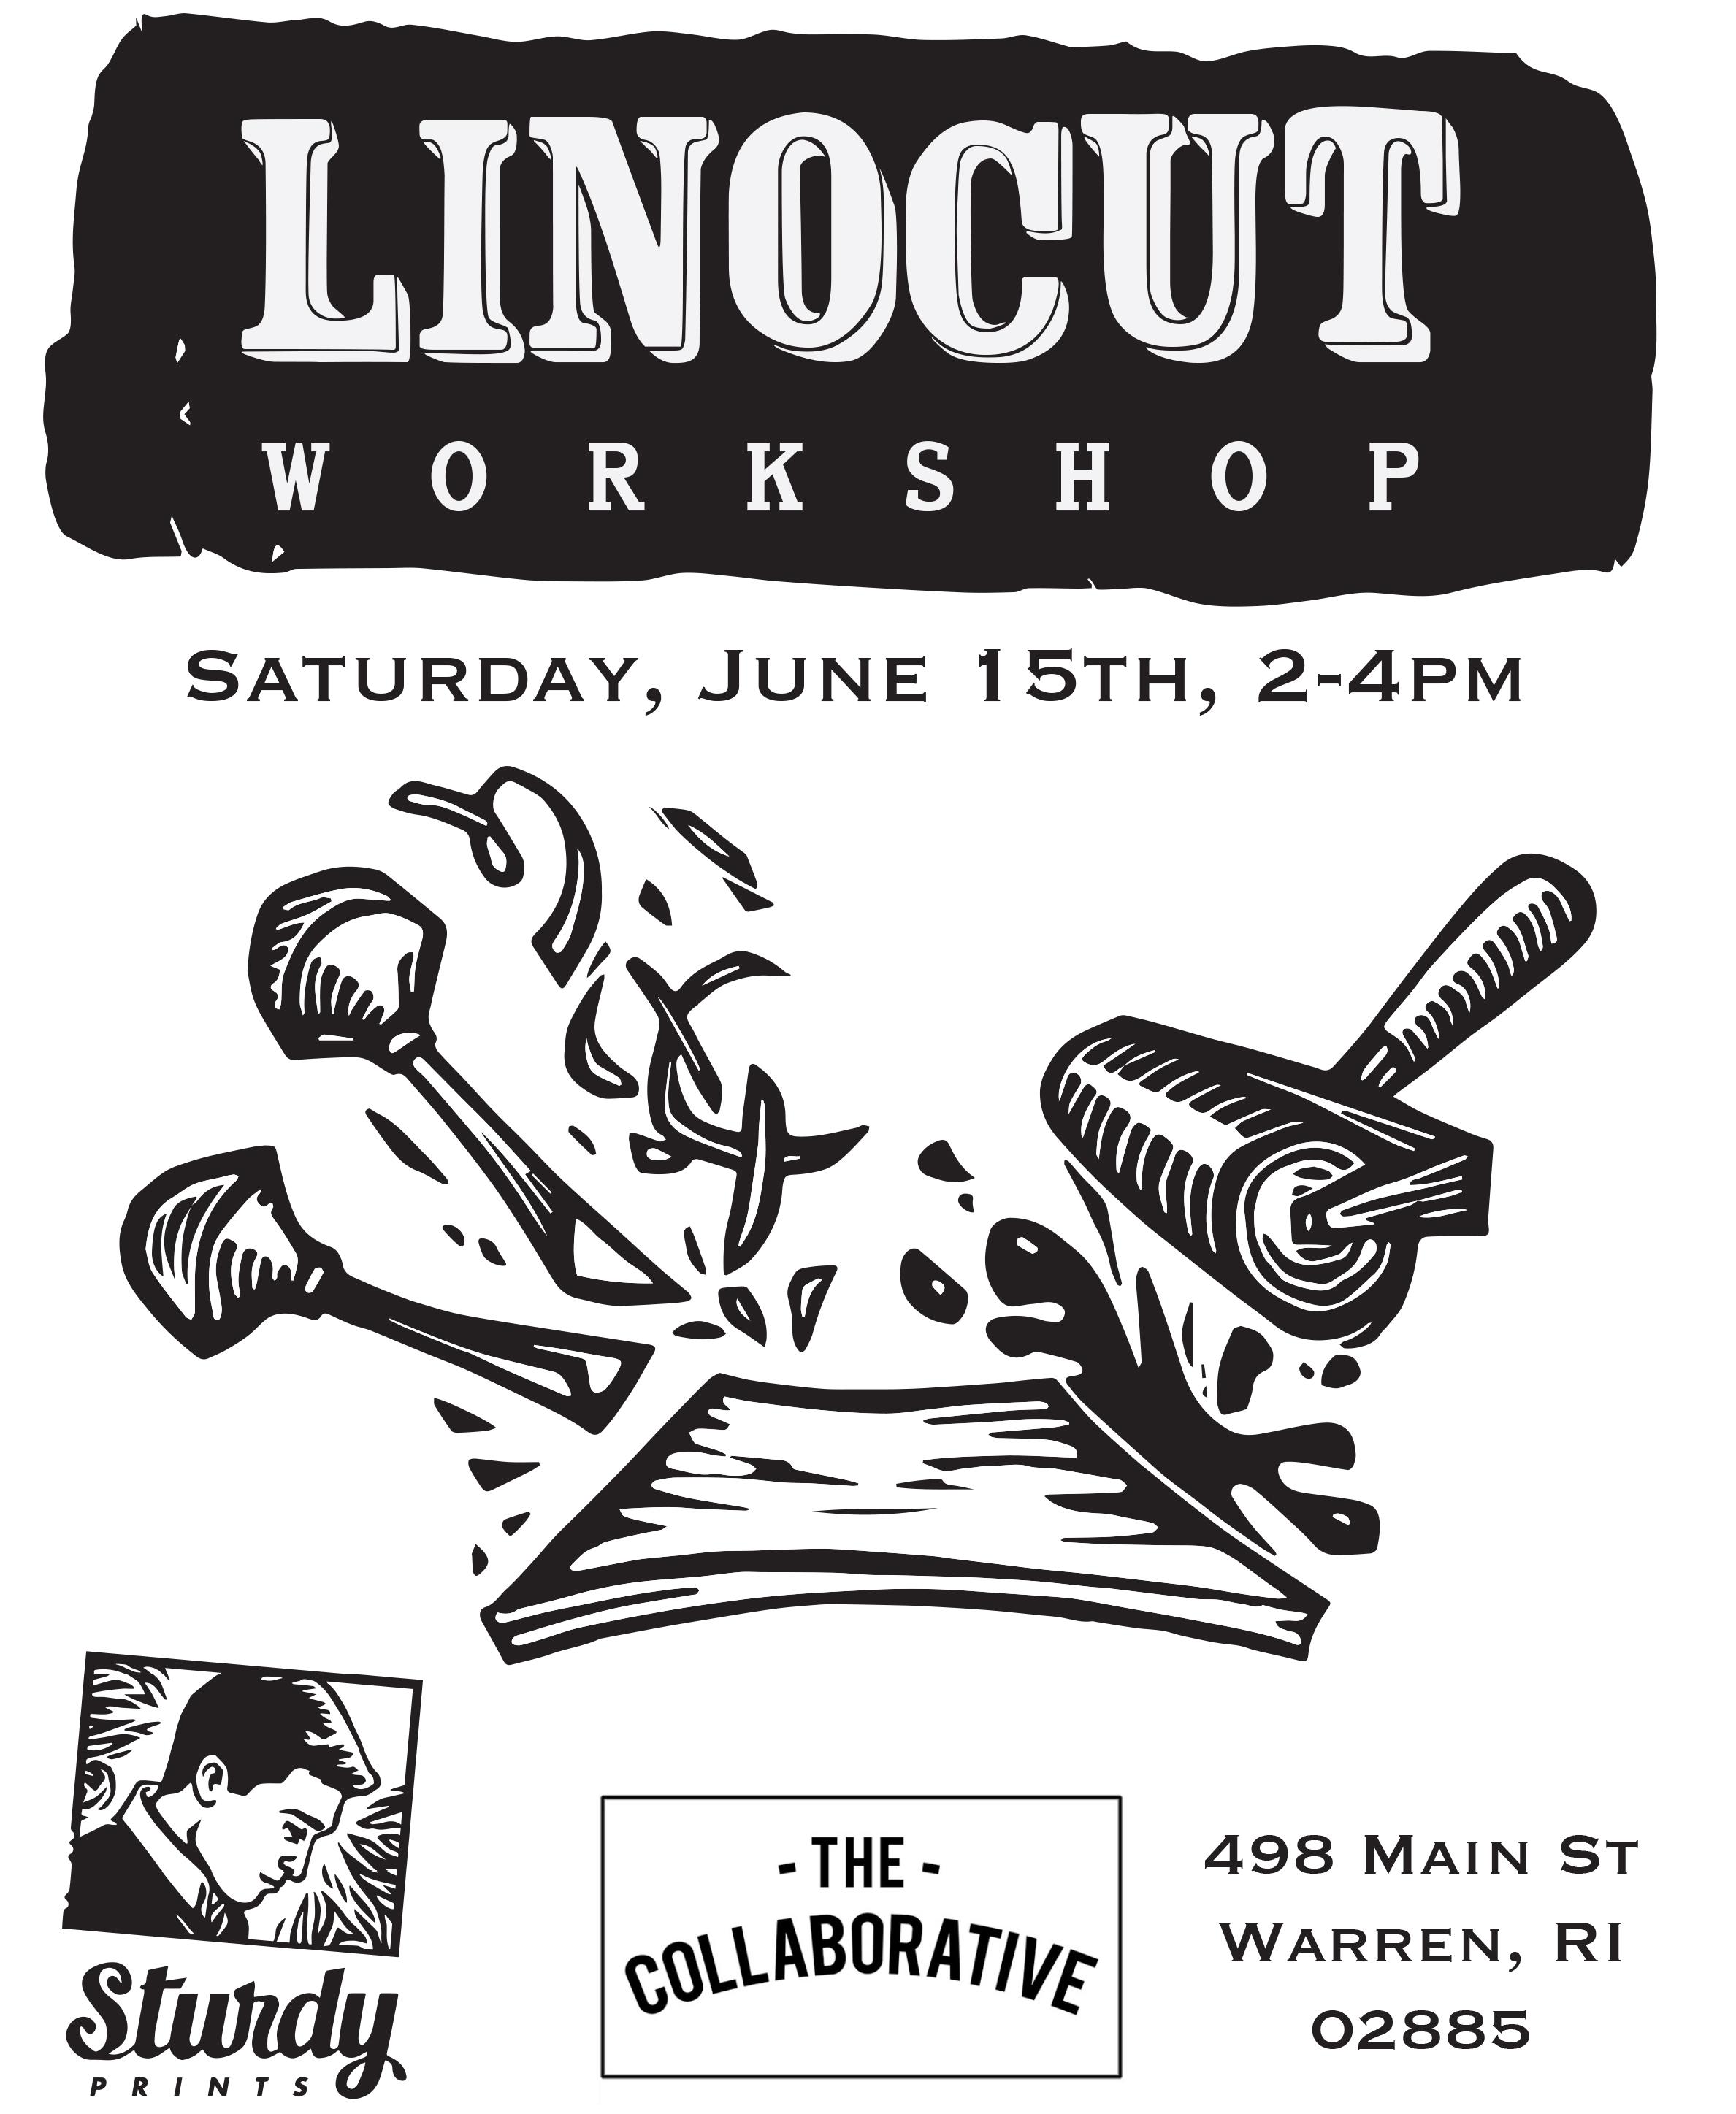 linocut_workshop1.jpg